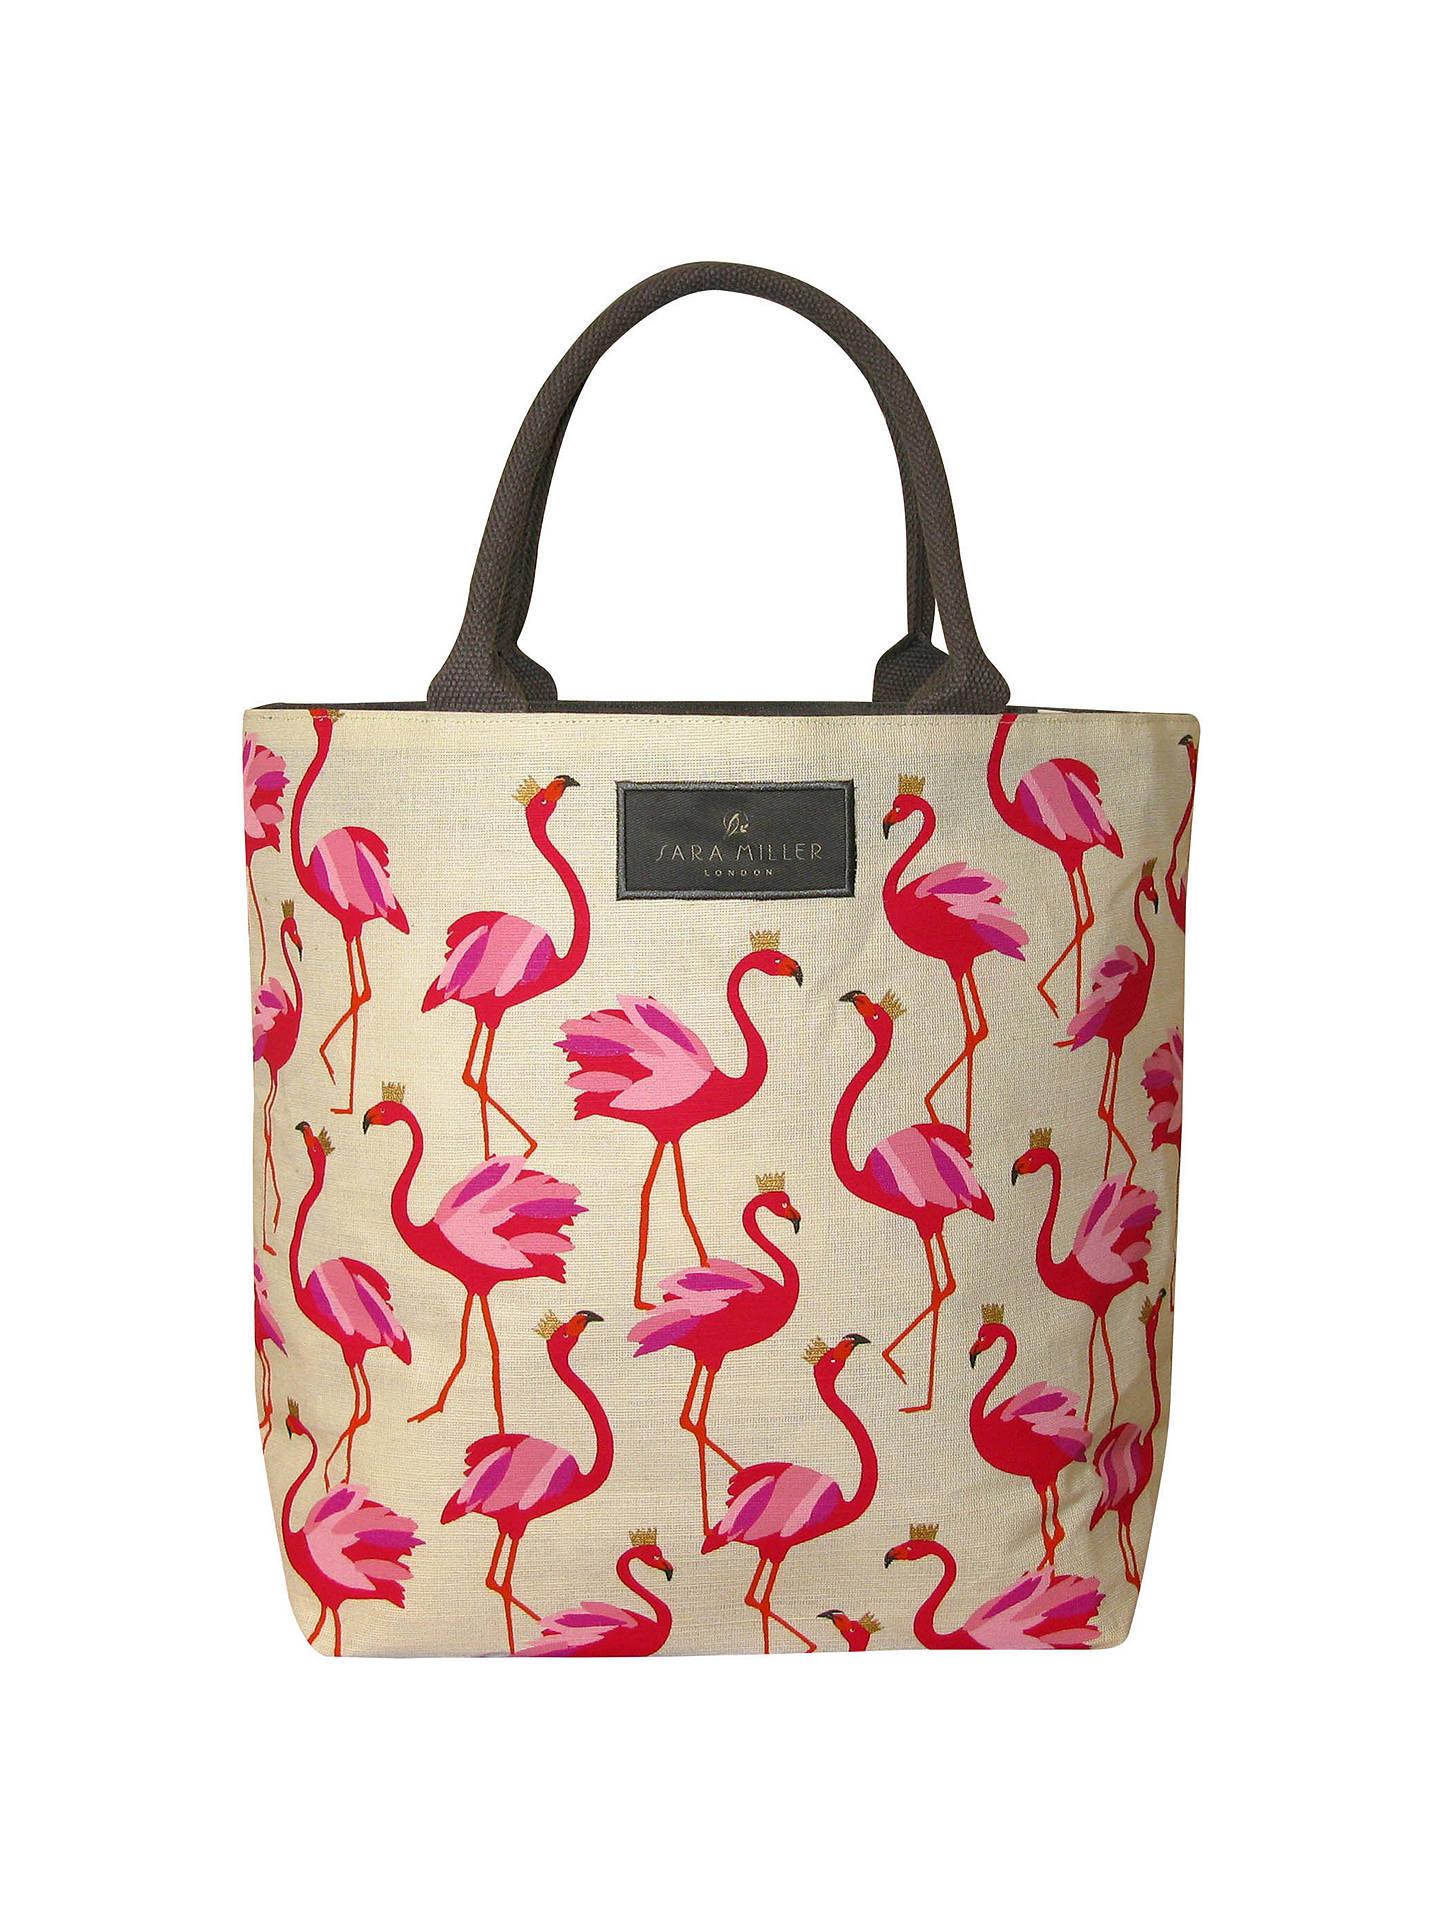 ae4281b6659d ... BuySara Miller Flamingo Tote Bag